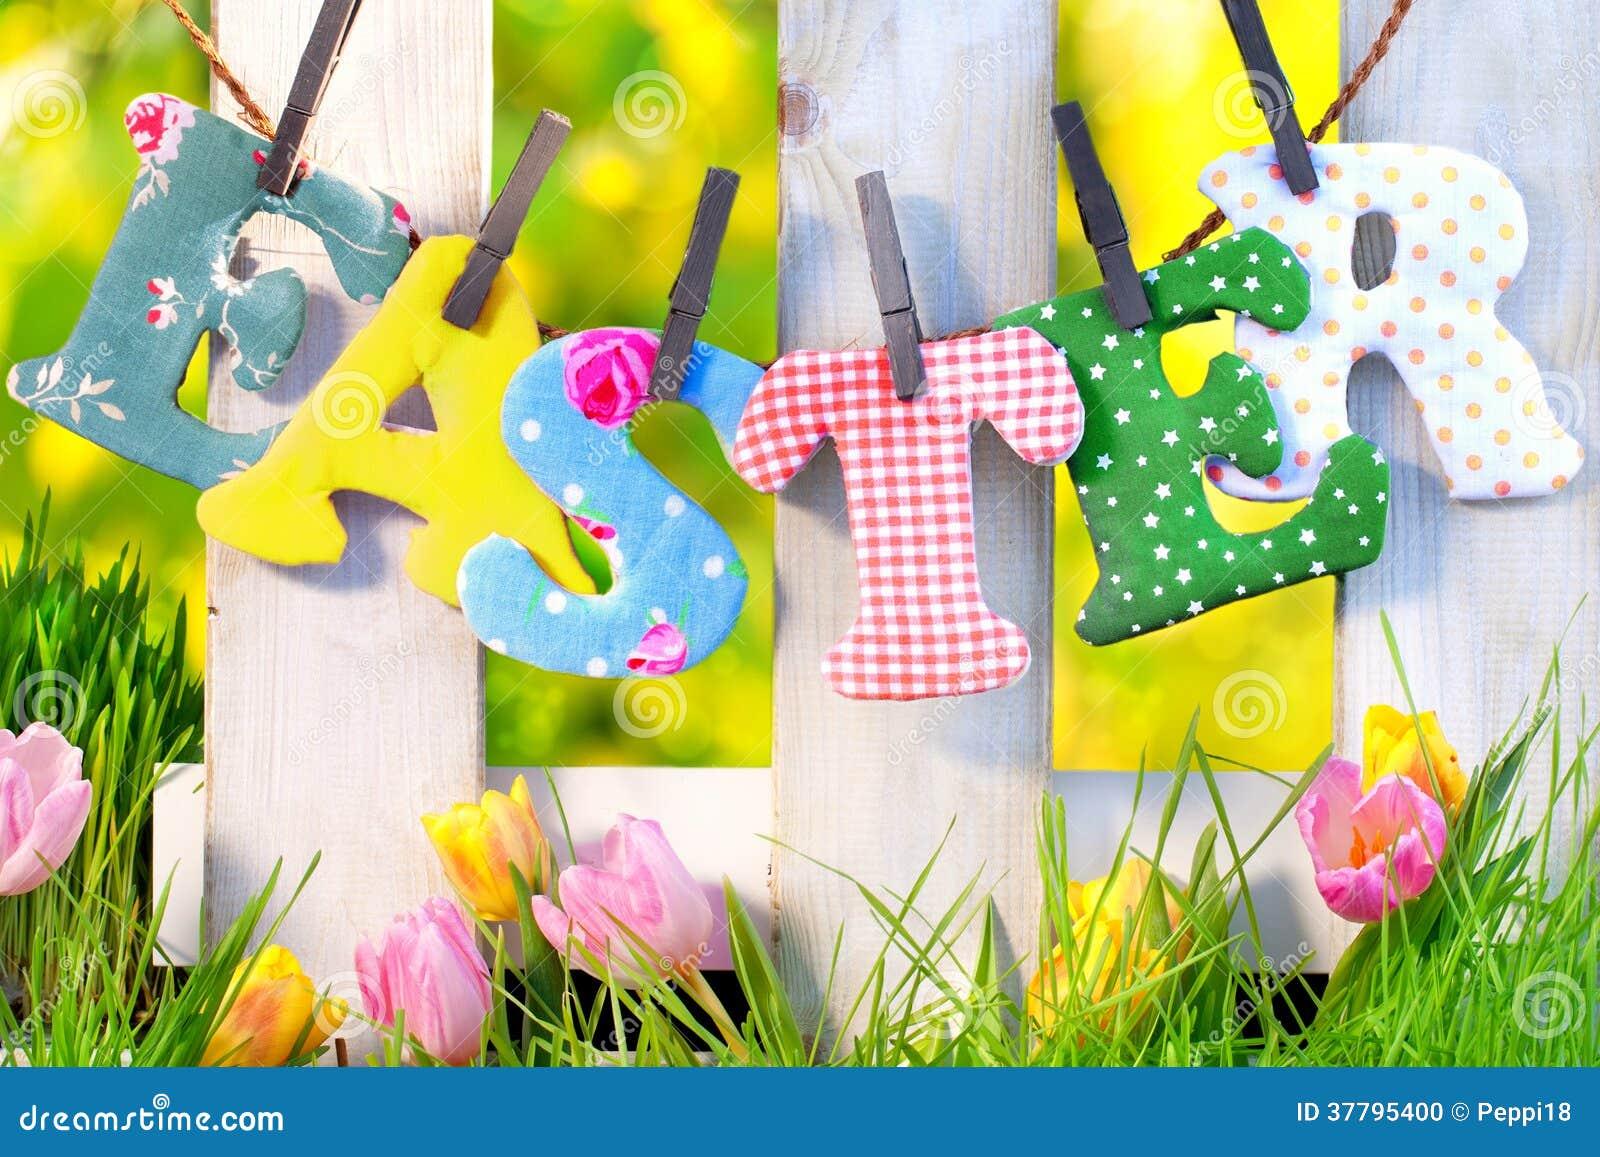 Ostern dekoration zu hause im garten stockfoto bild for Dekoration zu ostern